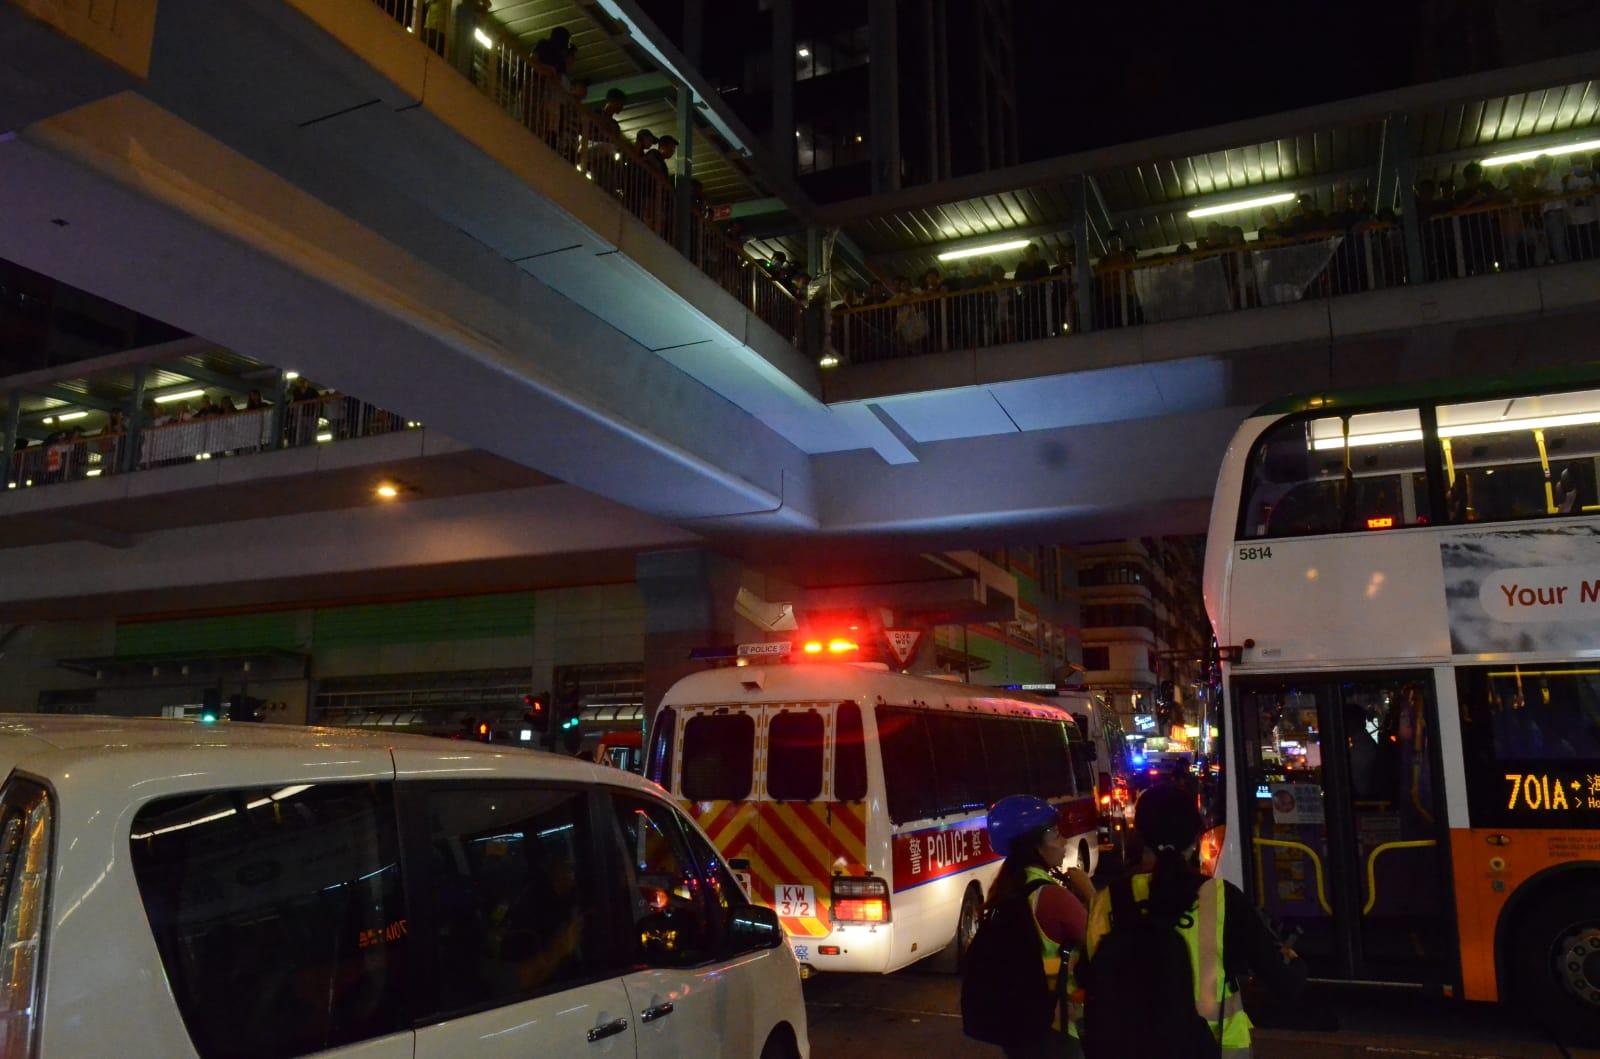 【逃犯條例】示威者向警車投擲垃圾桶 警員向天橋發射1枚布袋彈